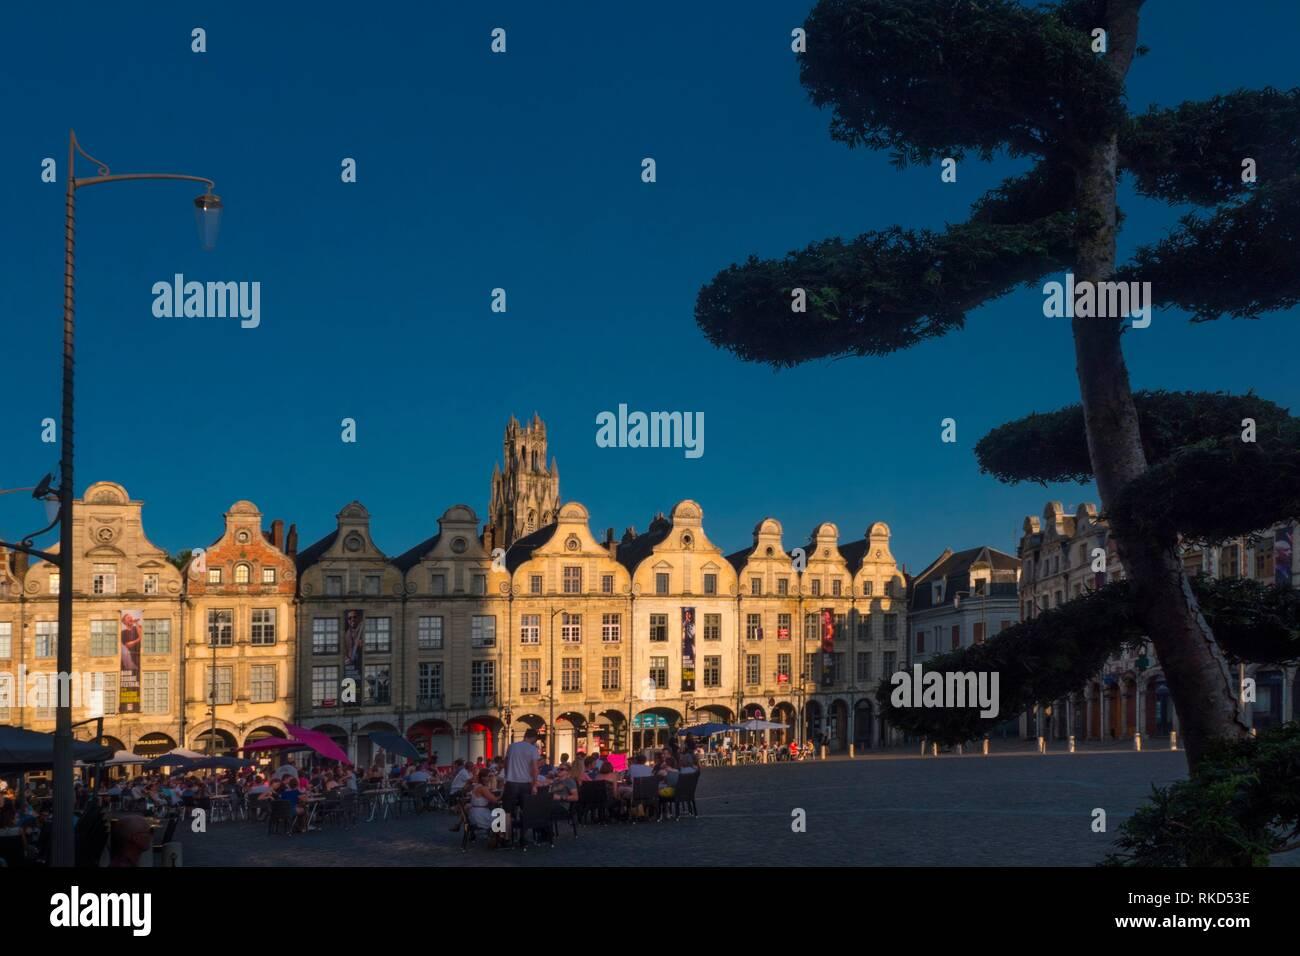 France, Hauts de France, Pas de Calais, Arras, Place des Heroes. - Stock Image